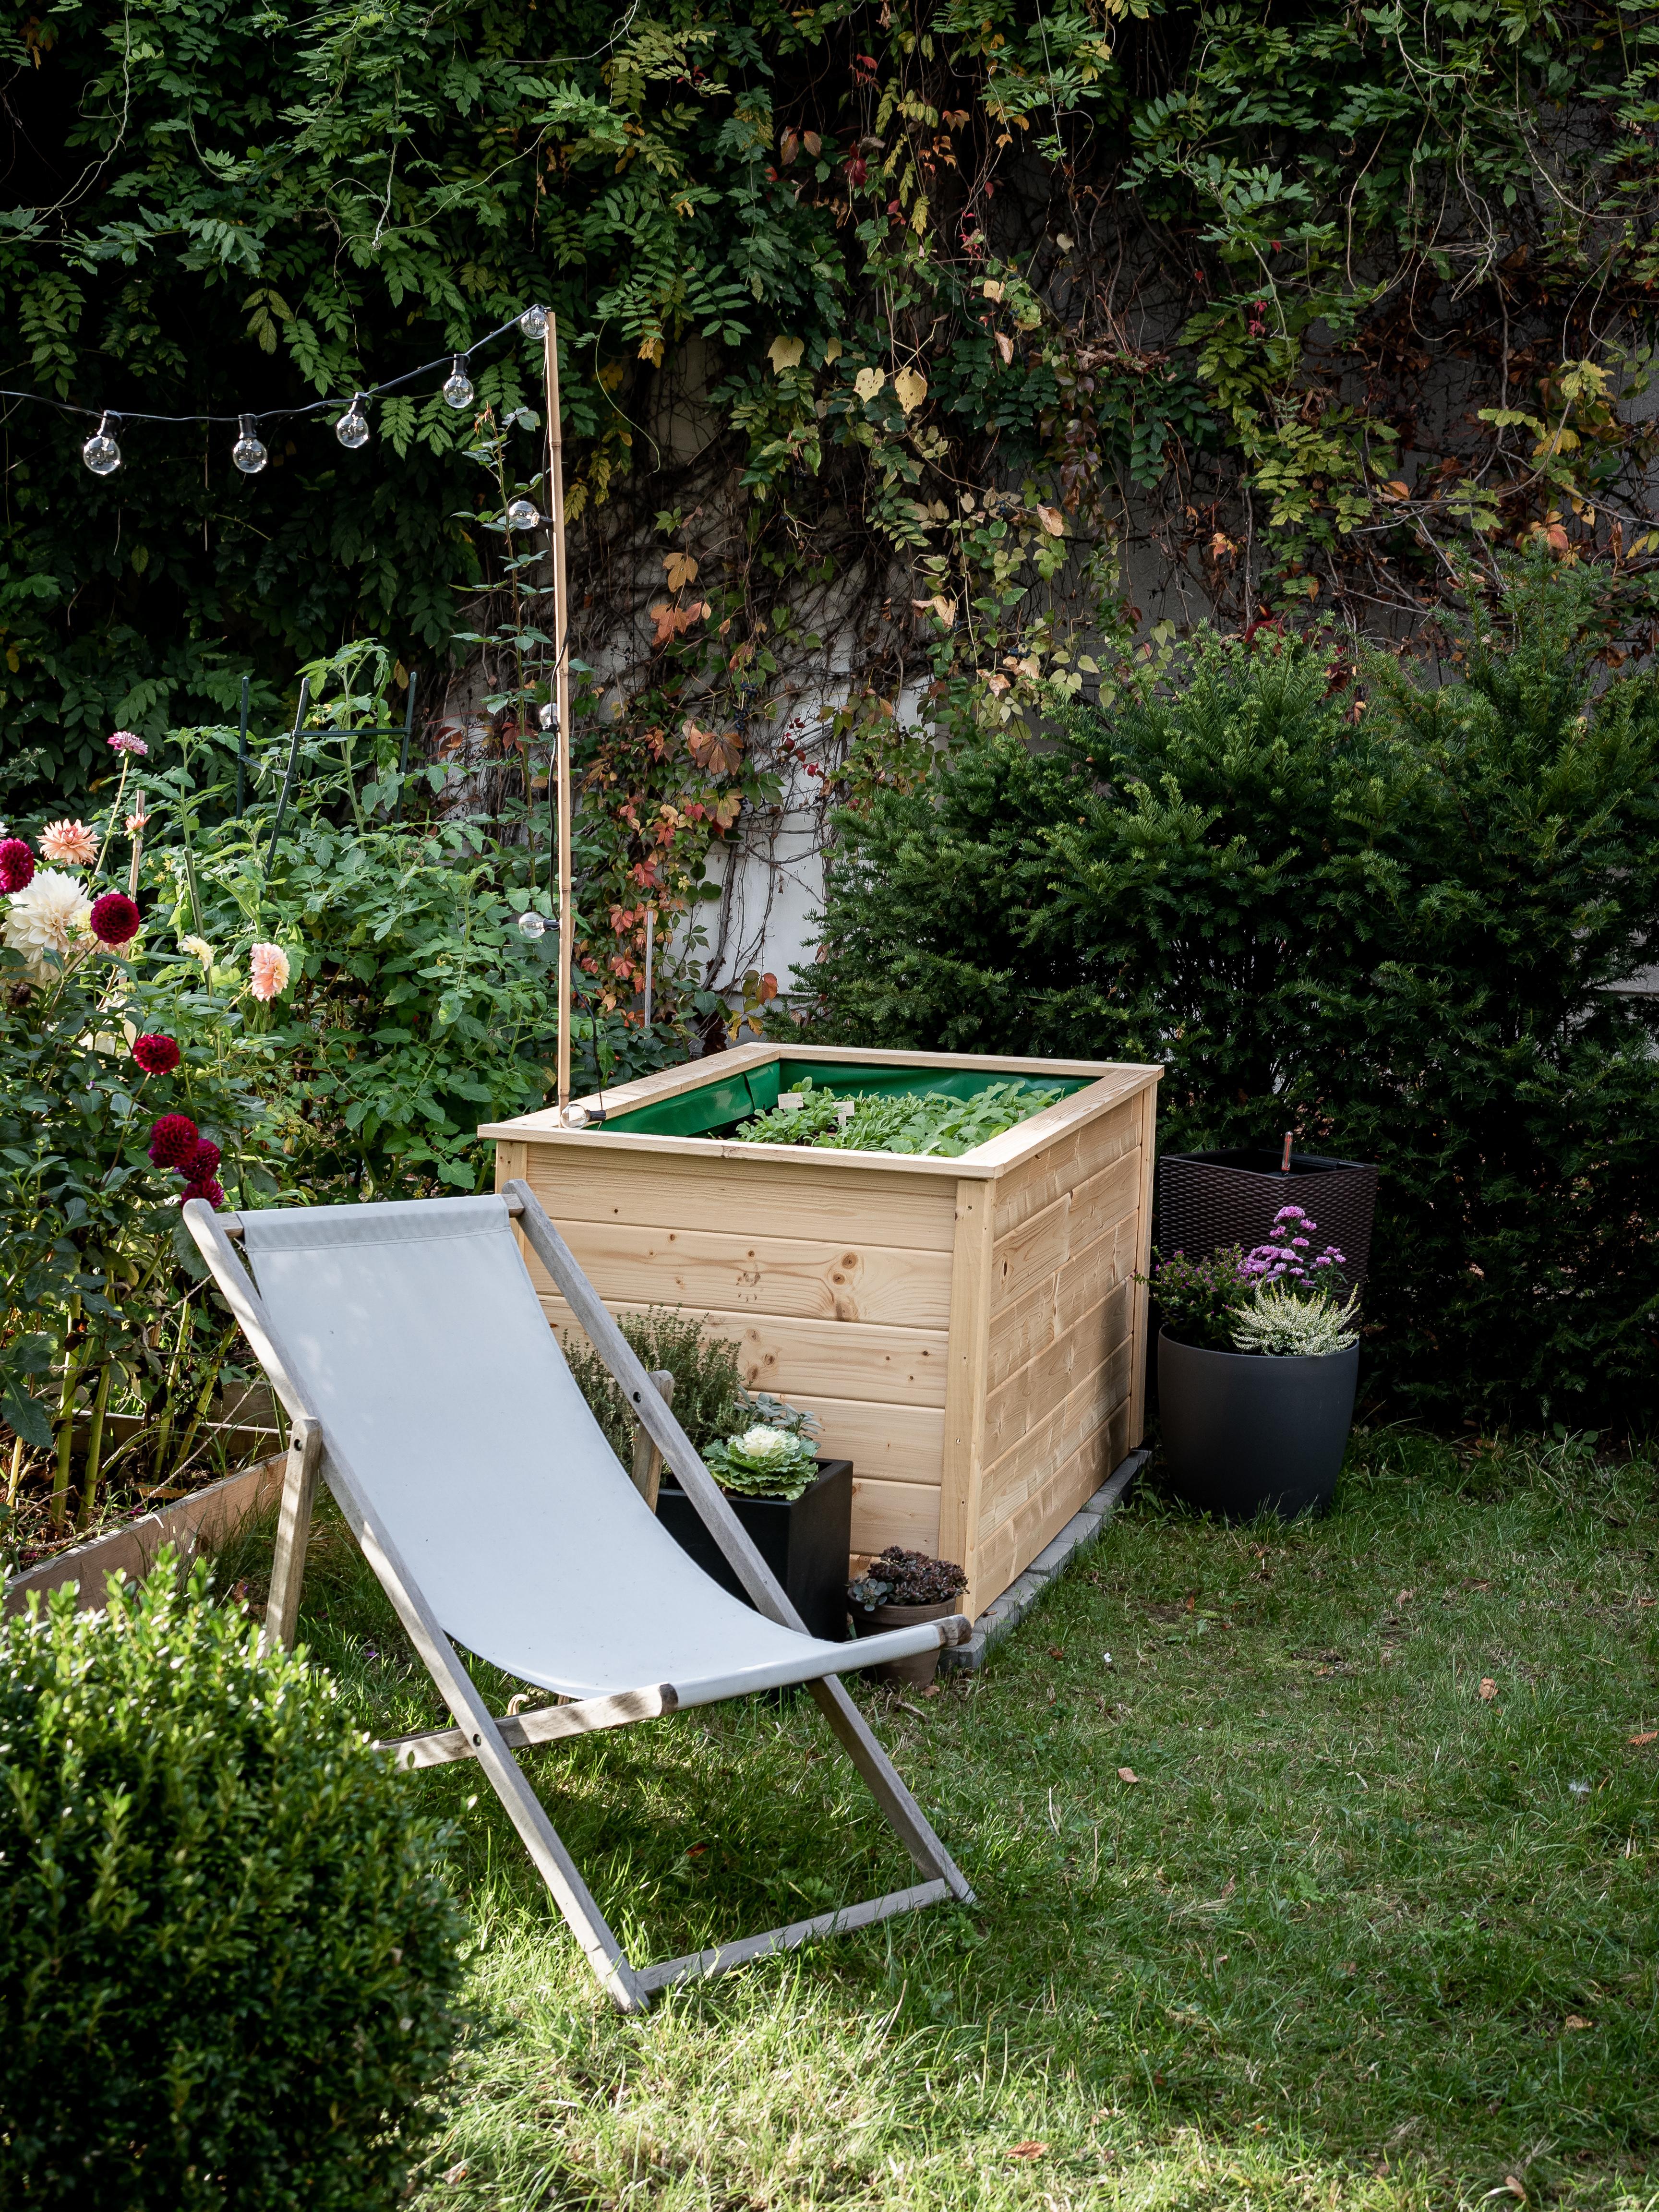 5 Tipps für Herbstfeeling im Garten oder auf dem Balkon